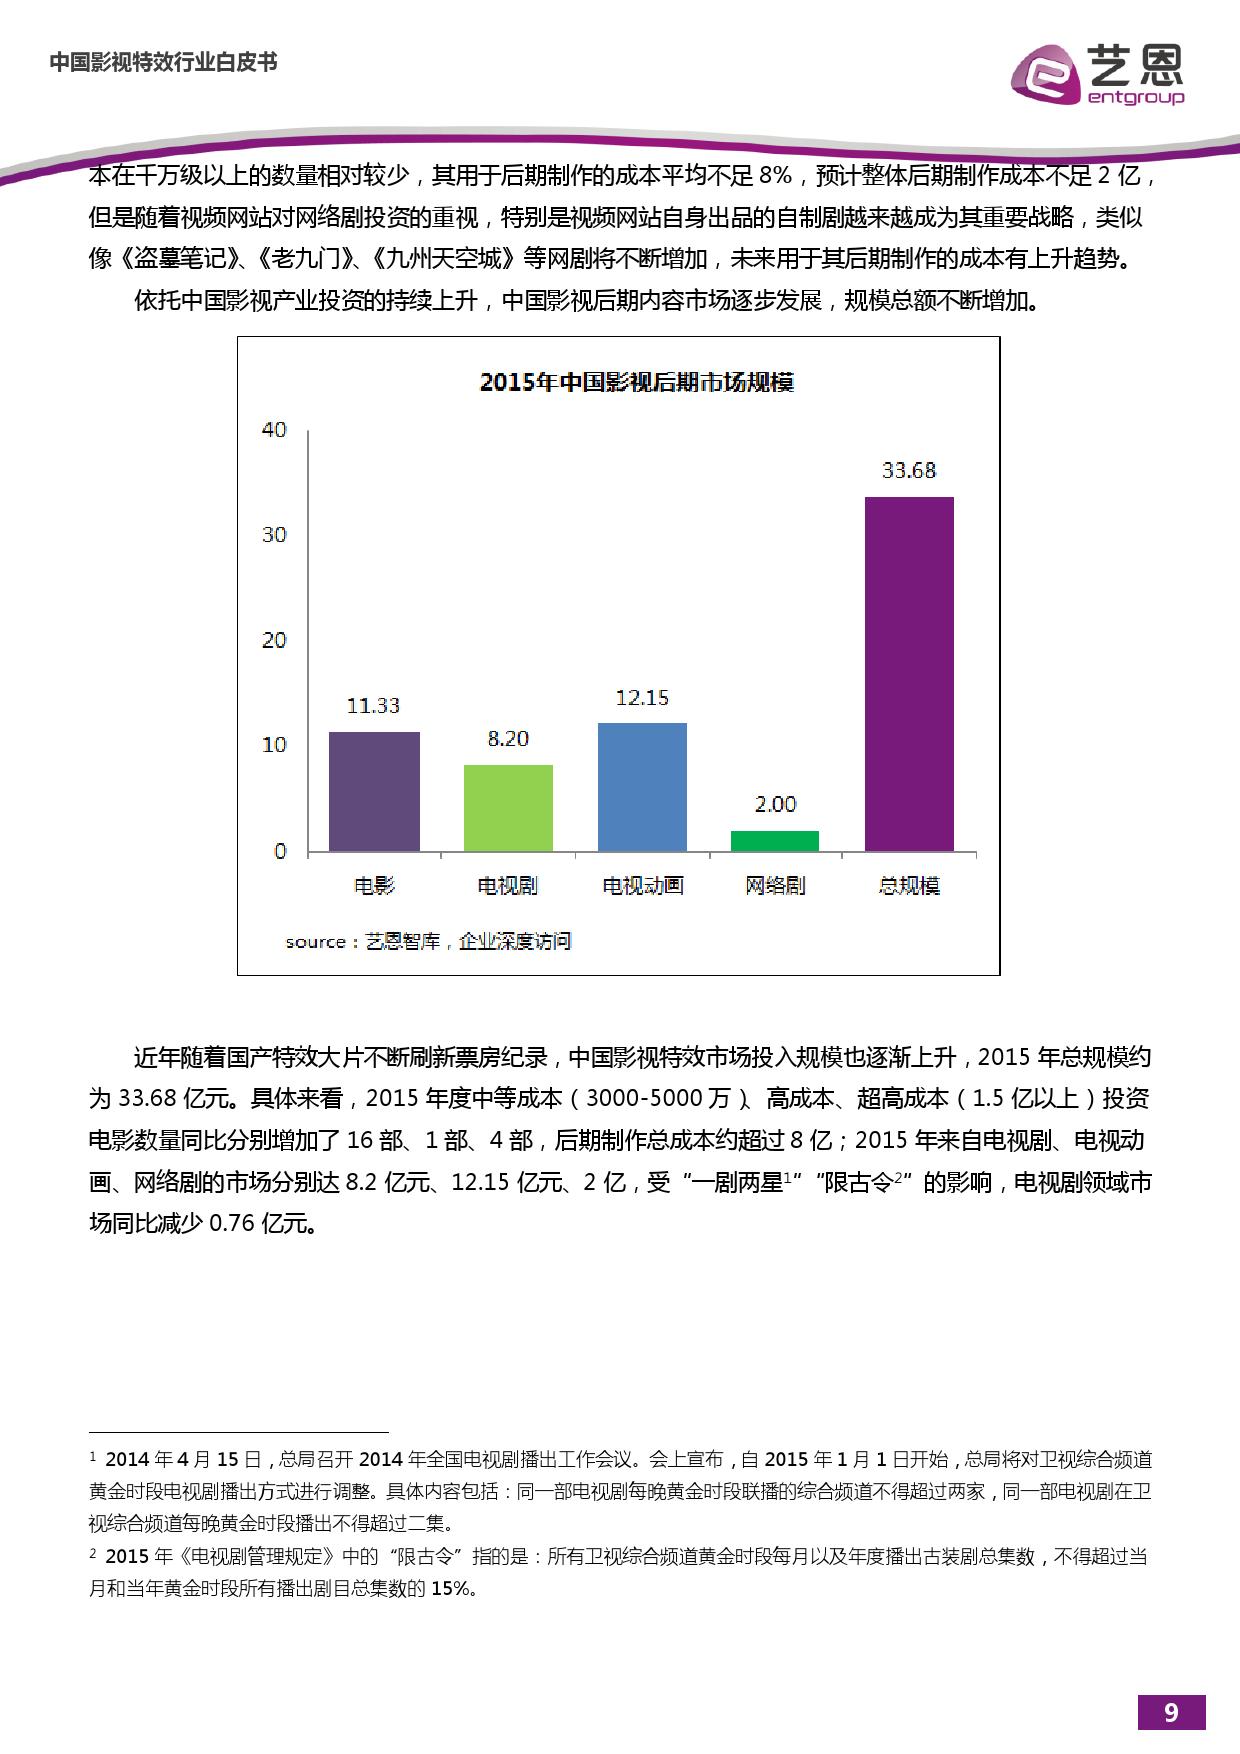 %e4%b8%ad%e5%9b%bd%e5%bd%b1%e8%a7%86%e7%89%b9%e6%95%88%e5%b8%82%e5%9c%ba%e7%a0%94%e7%a9%b6%e6%8a%a5%e5%91%8a_000010